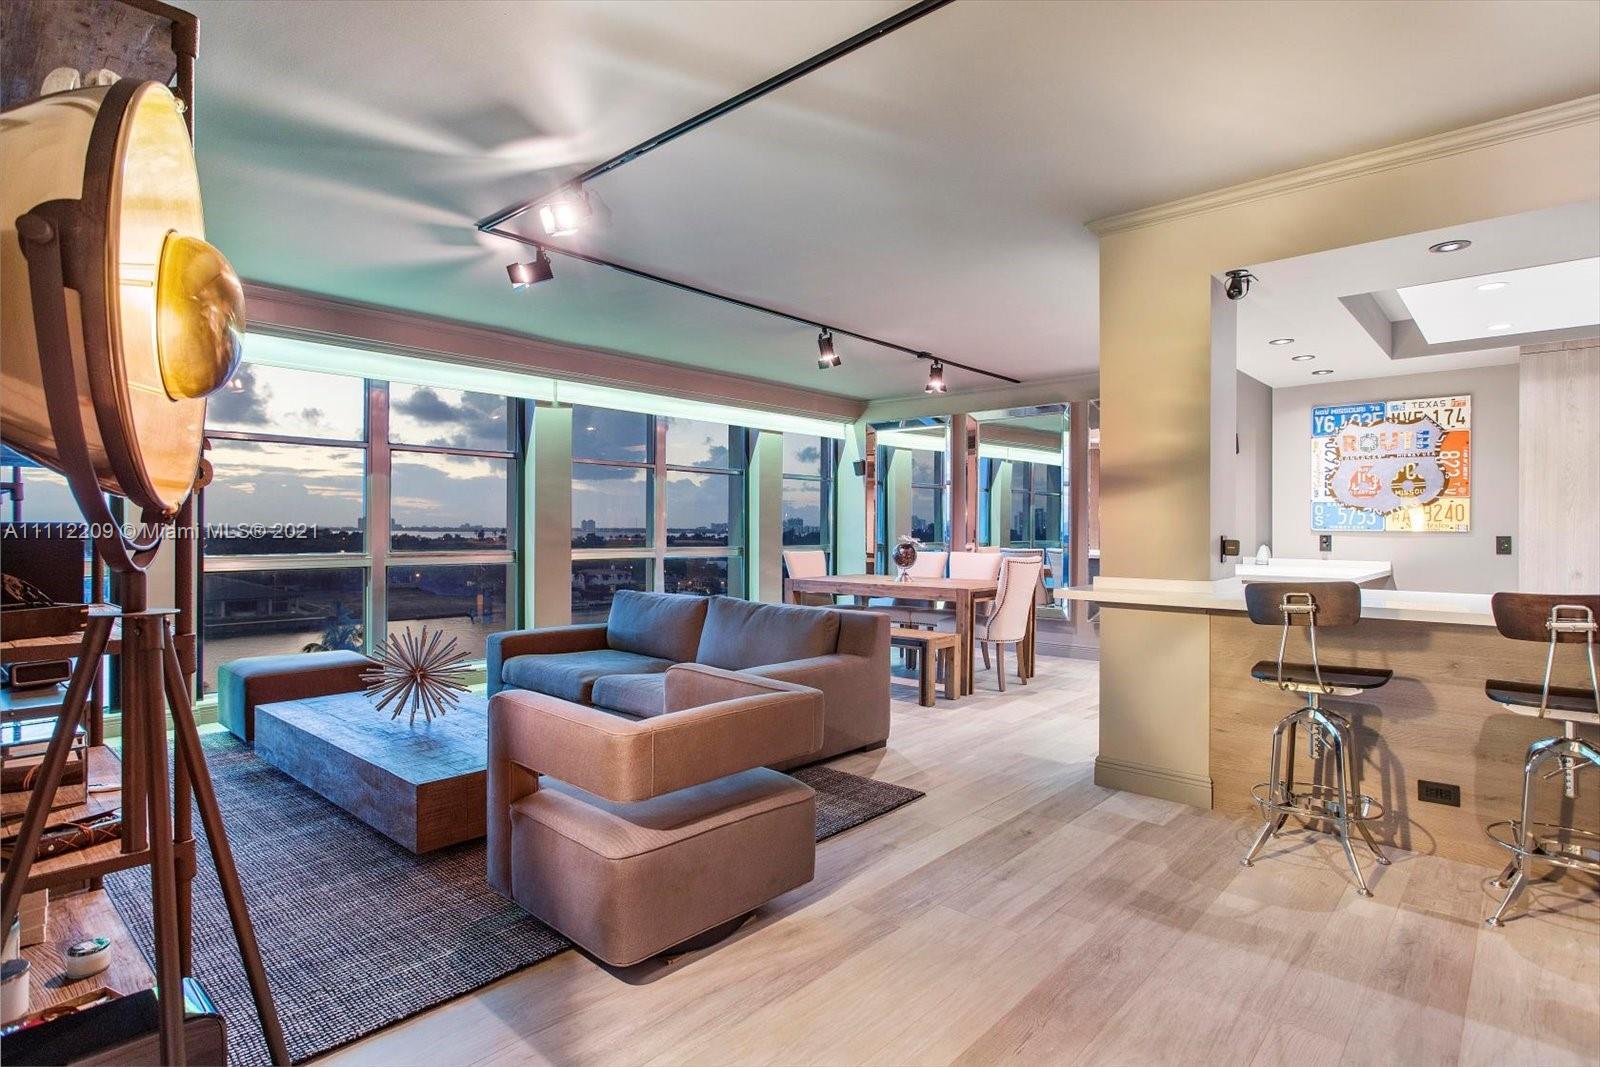 CRYSTAL HOUSE CONDO Condo,For Sale,CRYSTAL HOUSE CONDO Brickell,realty,broker,condos near me